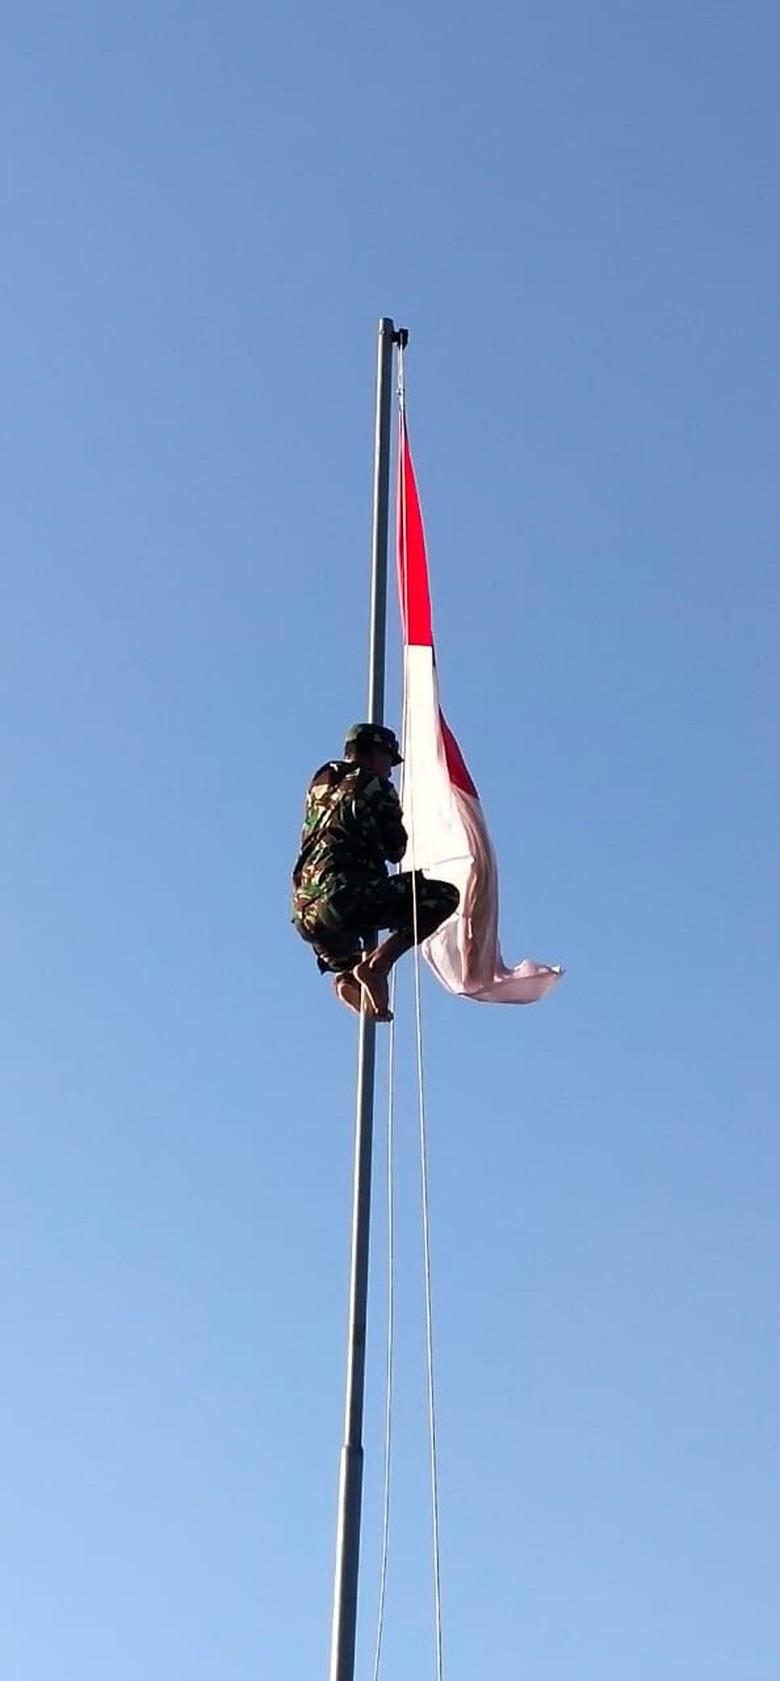 Ragam Kisah Panjat Tiang Bendera Demi Merah Putih